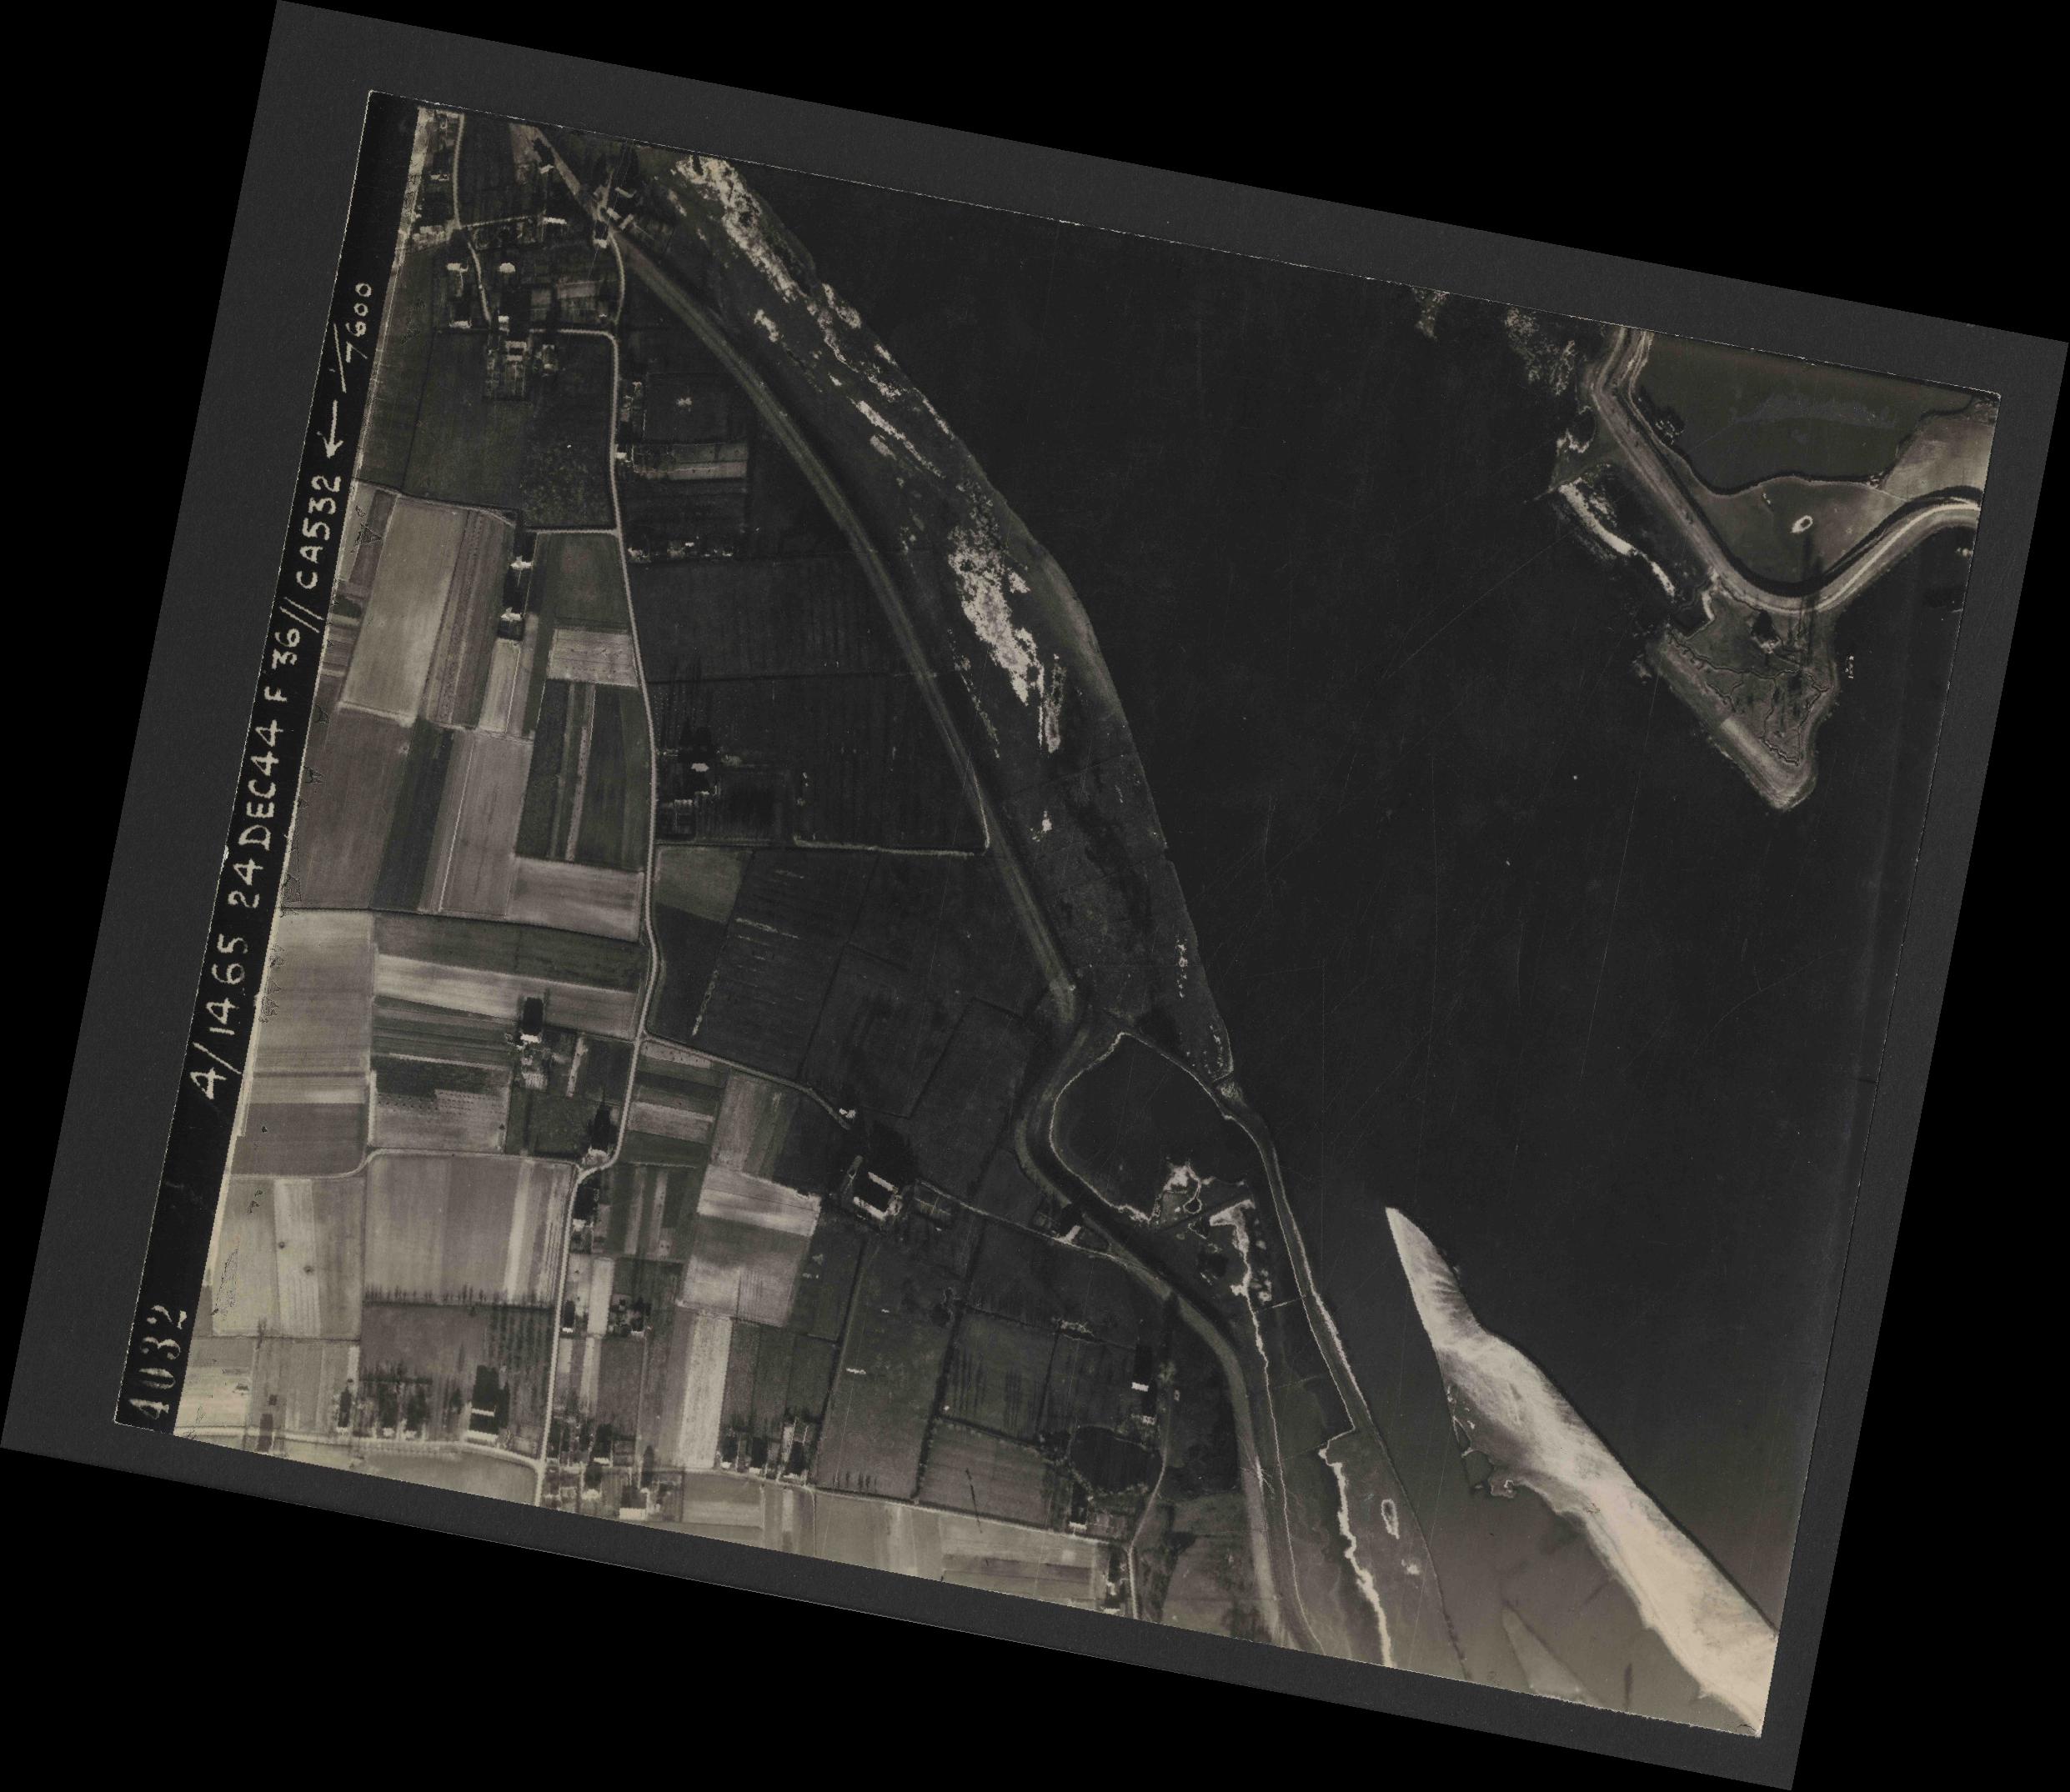 Collection RAF aerial photos 1940-1945 - flight 304, run 03, photo 4032